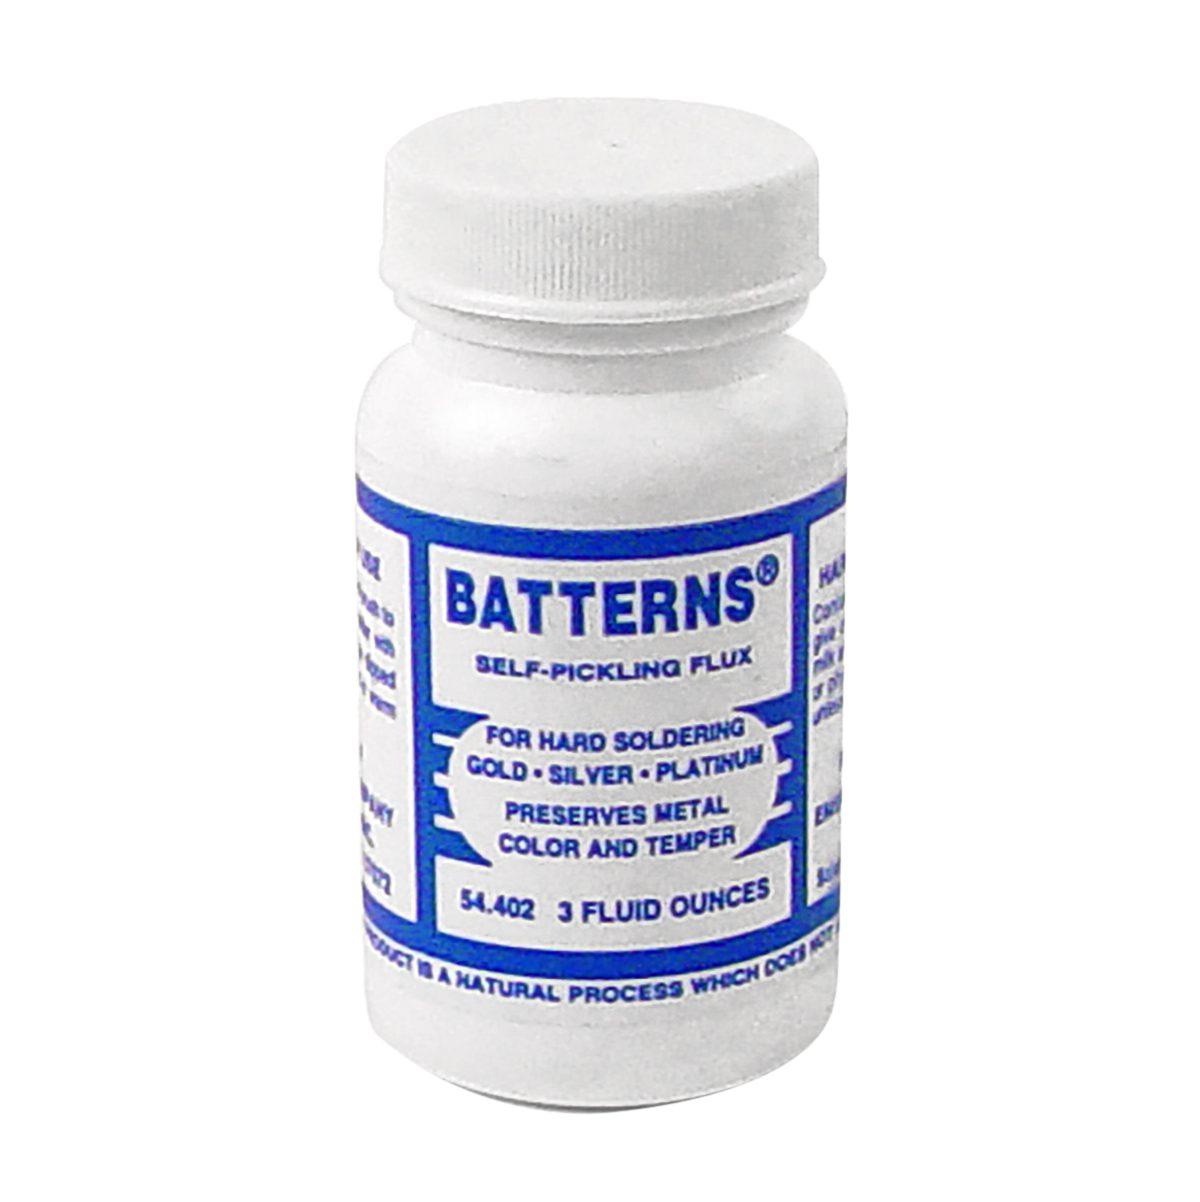 hard solder batterns flux 3 oz